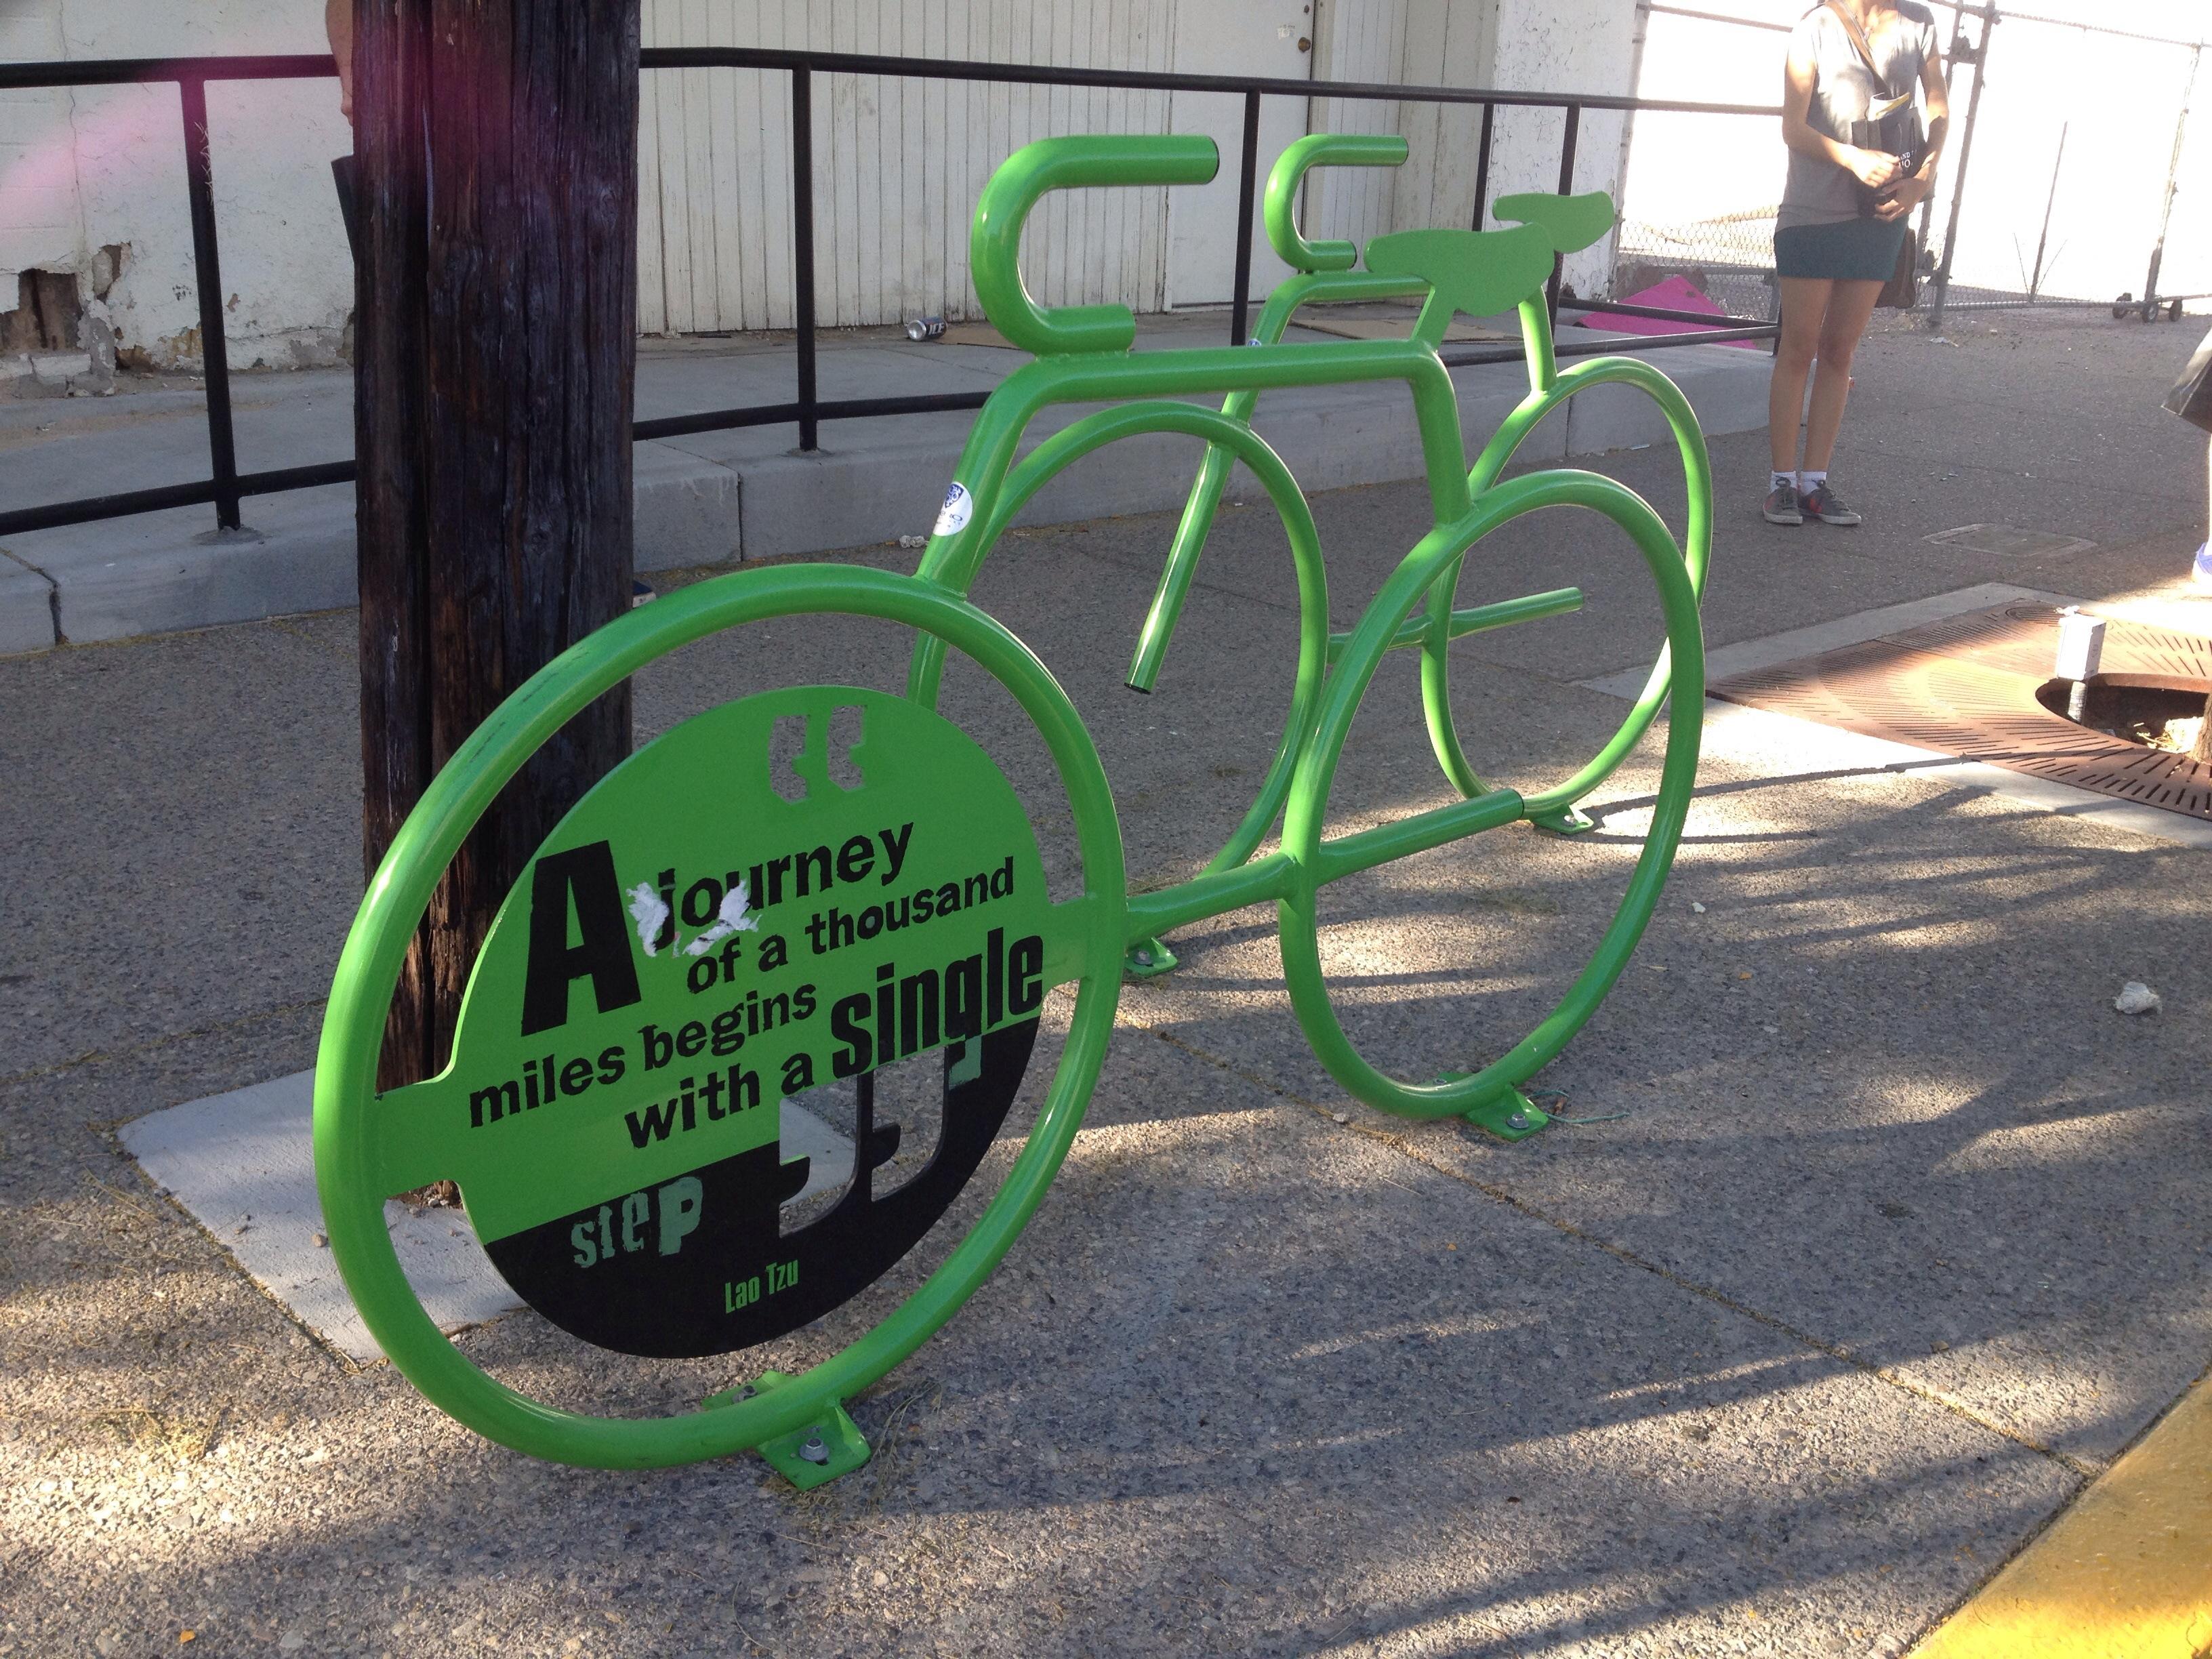 A cidade construída para receber carros começa, aos poucos, a receber as bicicletas (foto: Leandro Beguoci)